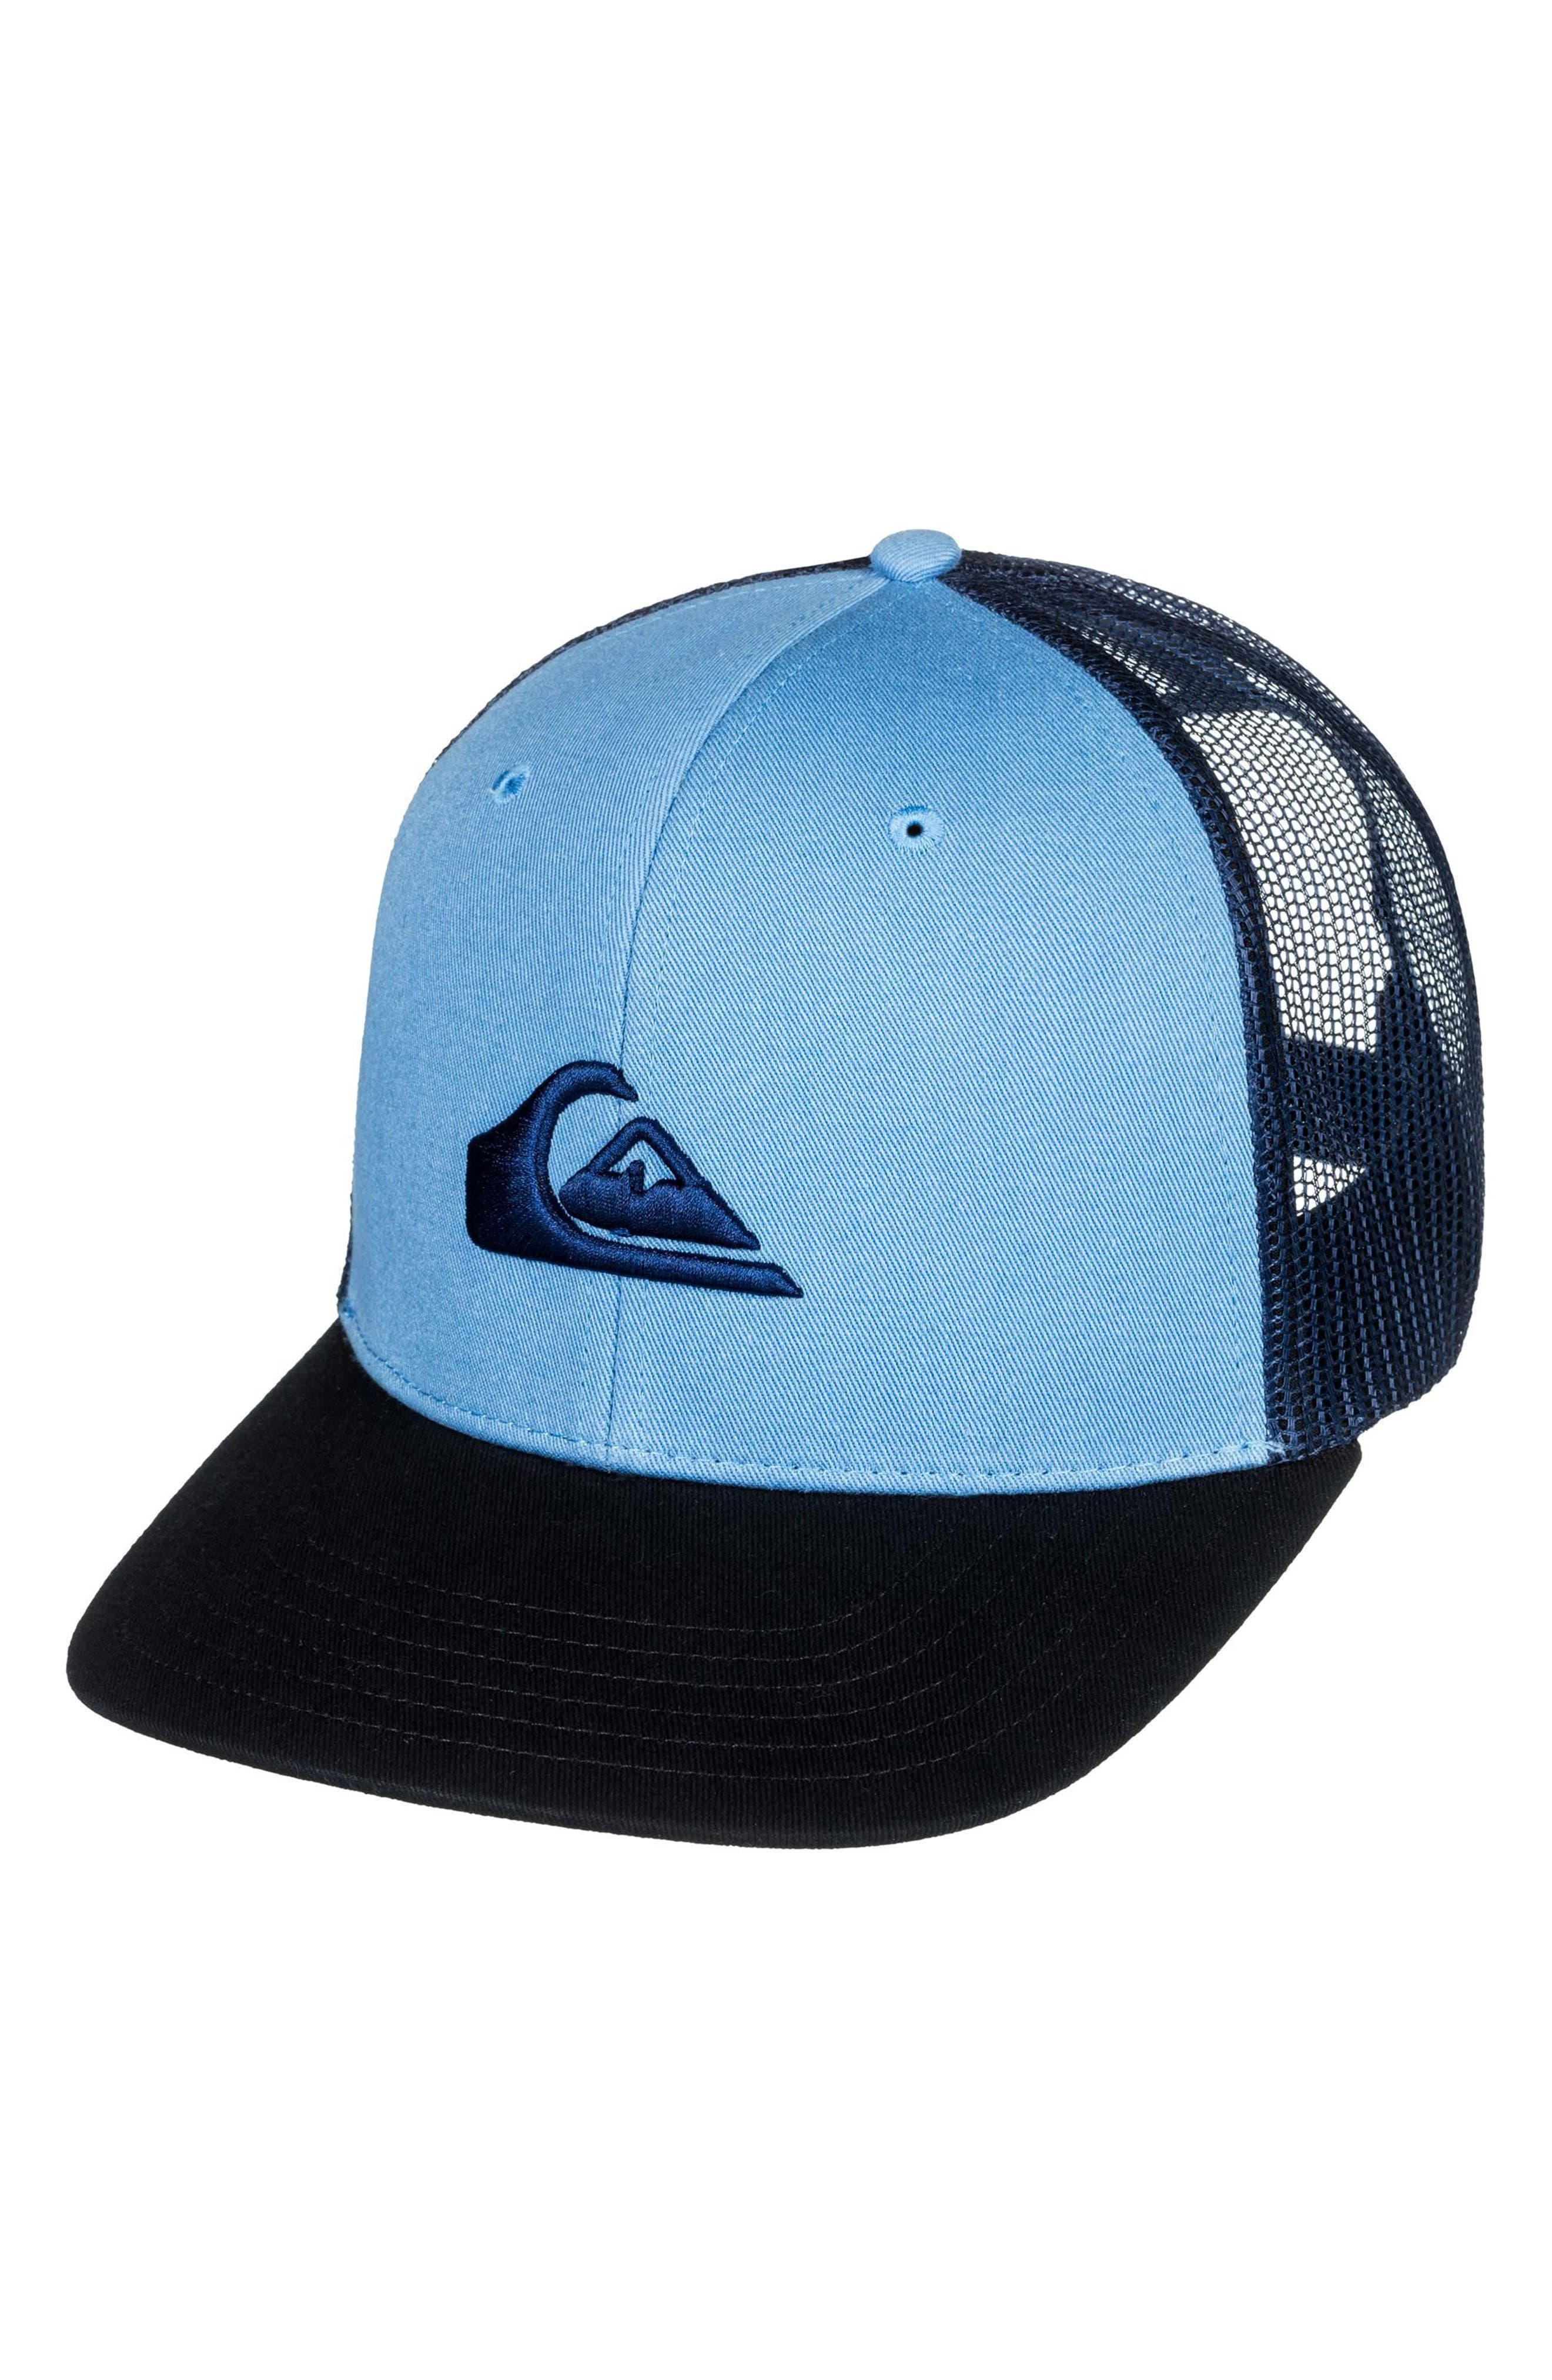 Quiksilver Grounder Trucker Hat